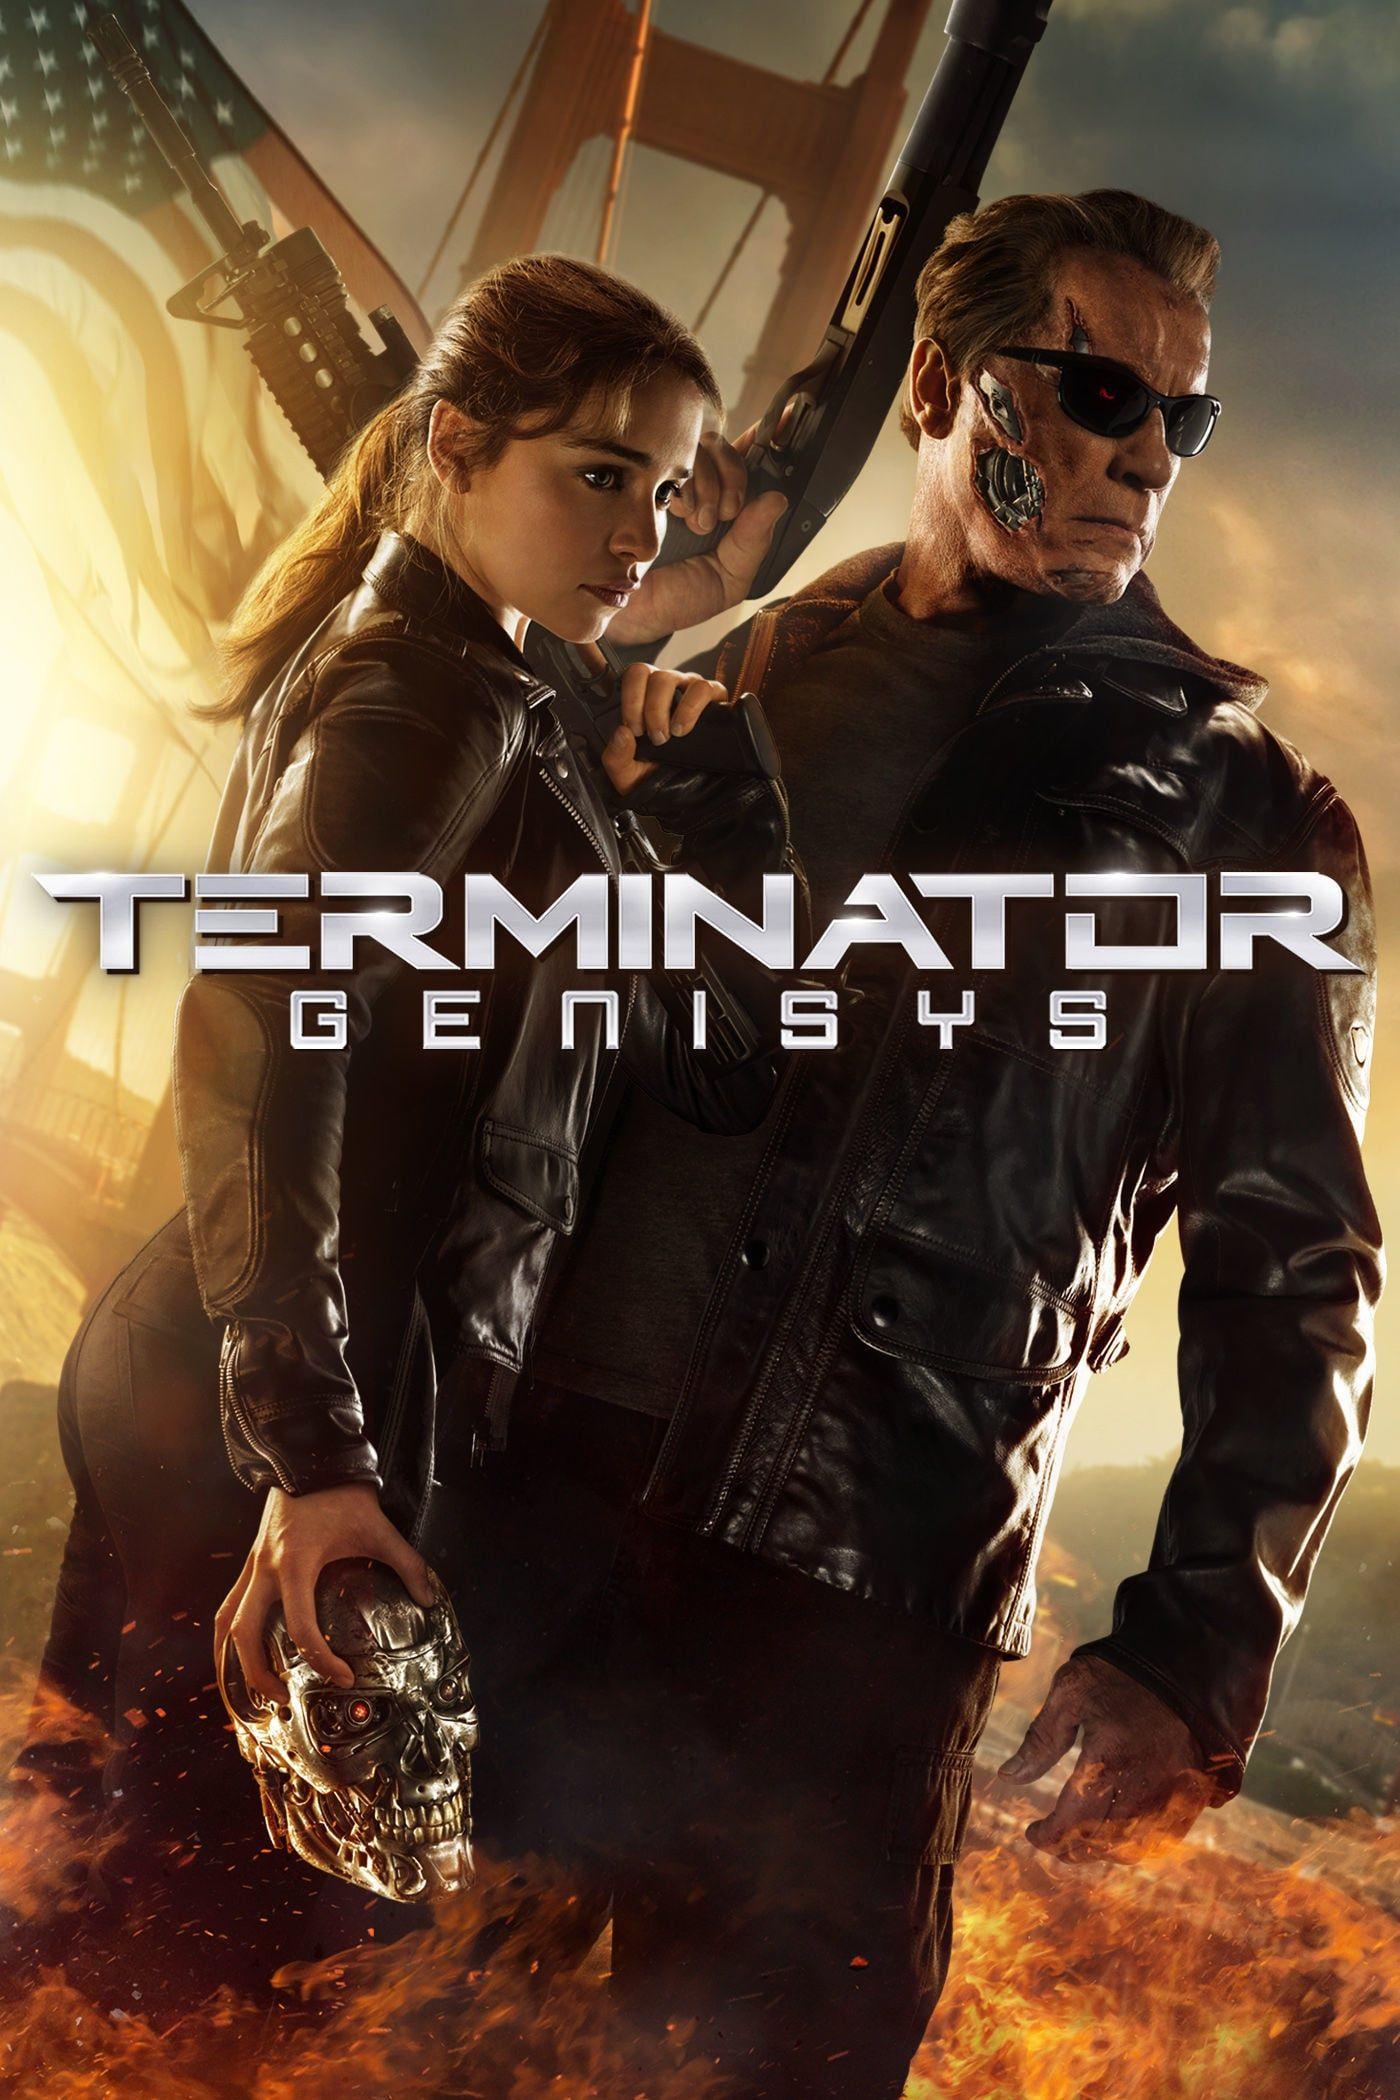 Voirfilms Voir En Streaming Terminator Genisys Regarder En Ligne Description Le Leader De La Resistance John Connor Envoie L Films Complets Film Terminator